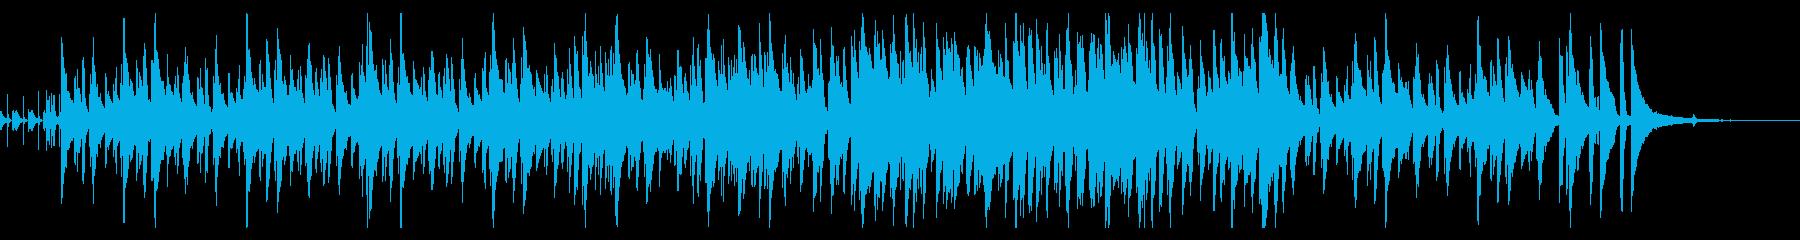 ジャズ/探偵・推理・調査シーンのBGMの再生済みの波形